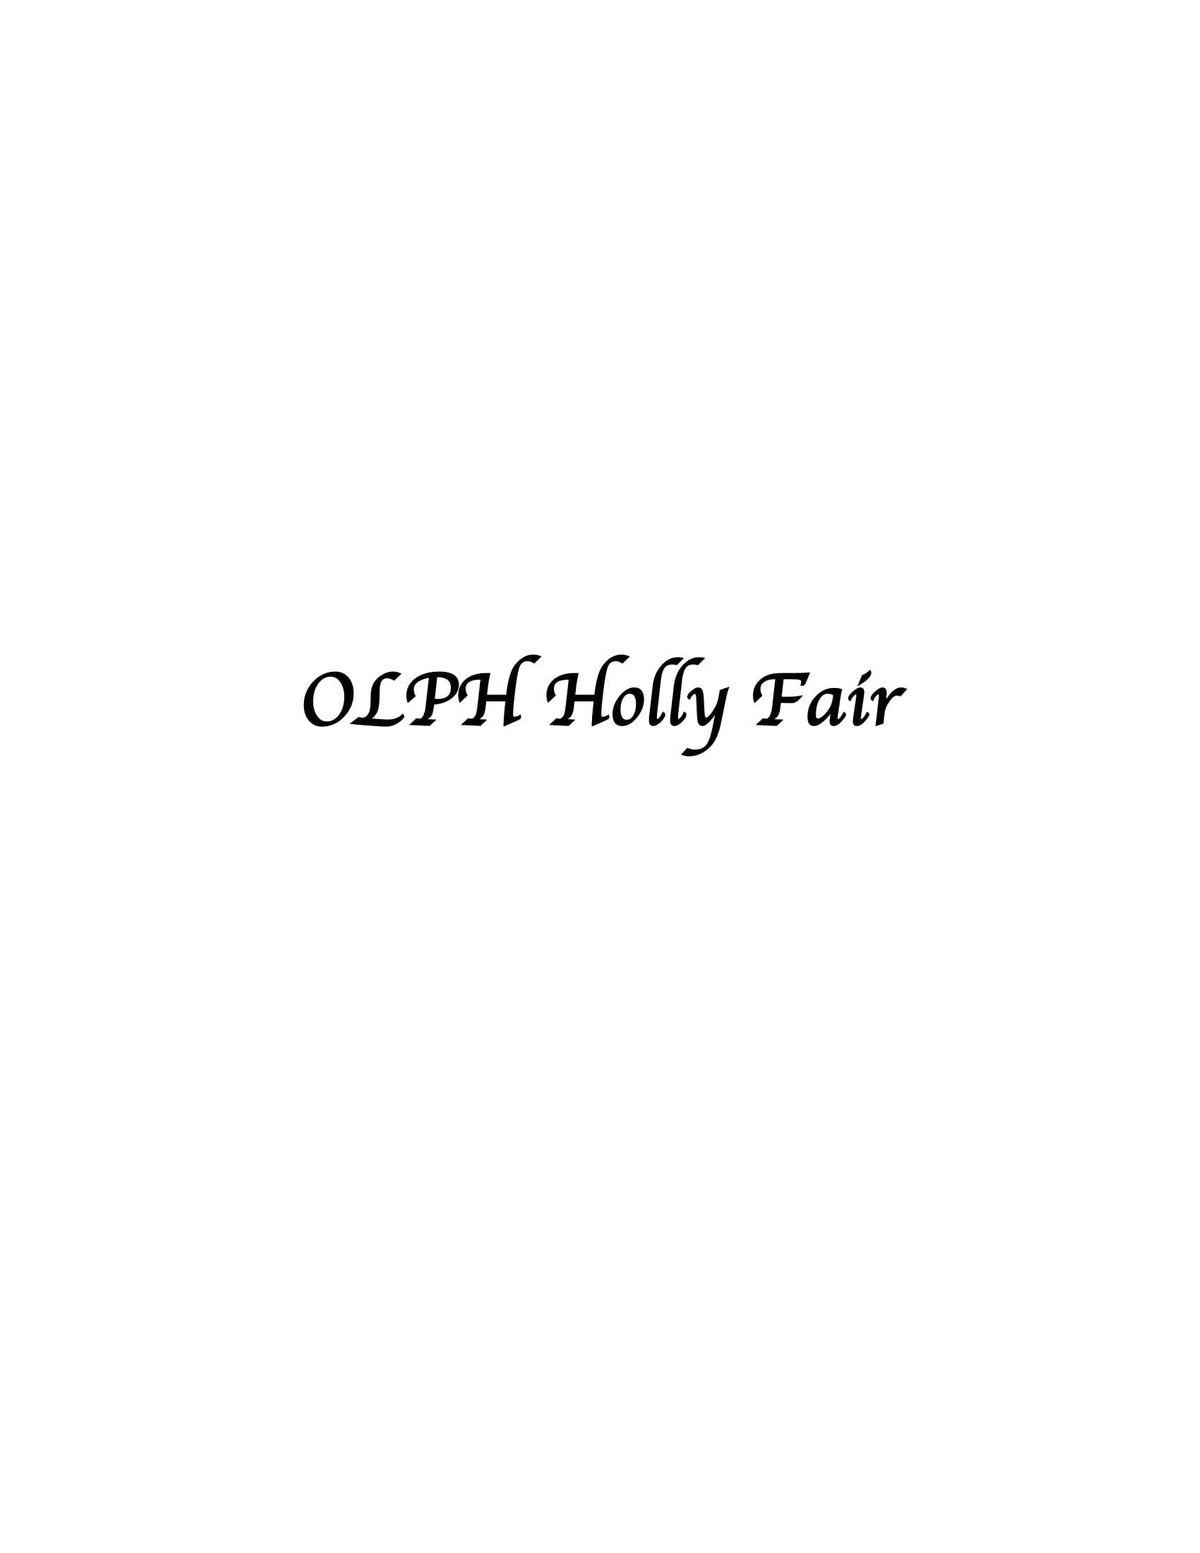 OLPH Holly Fair 2019